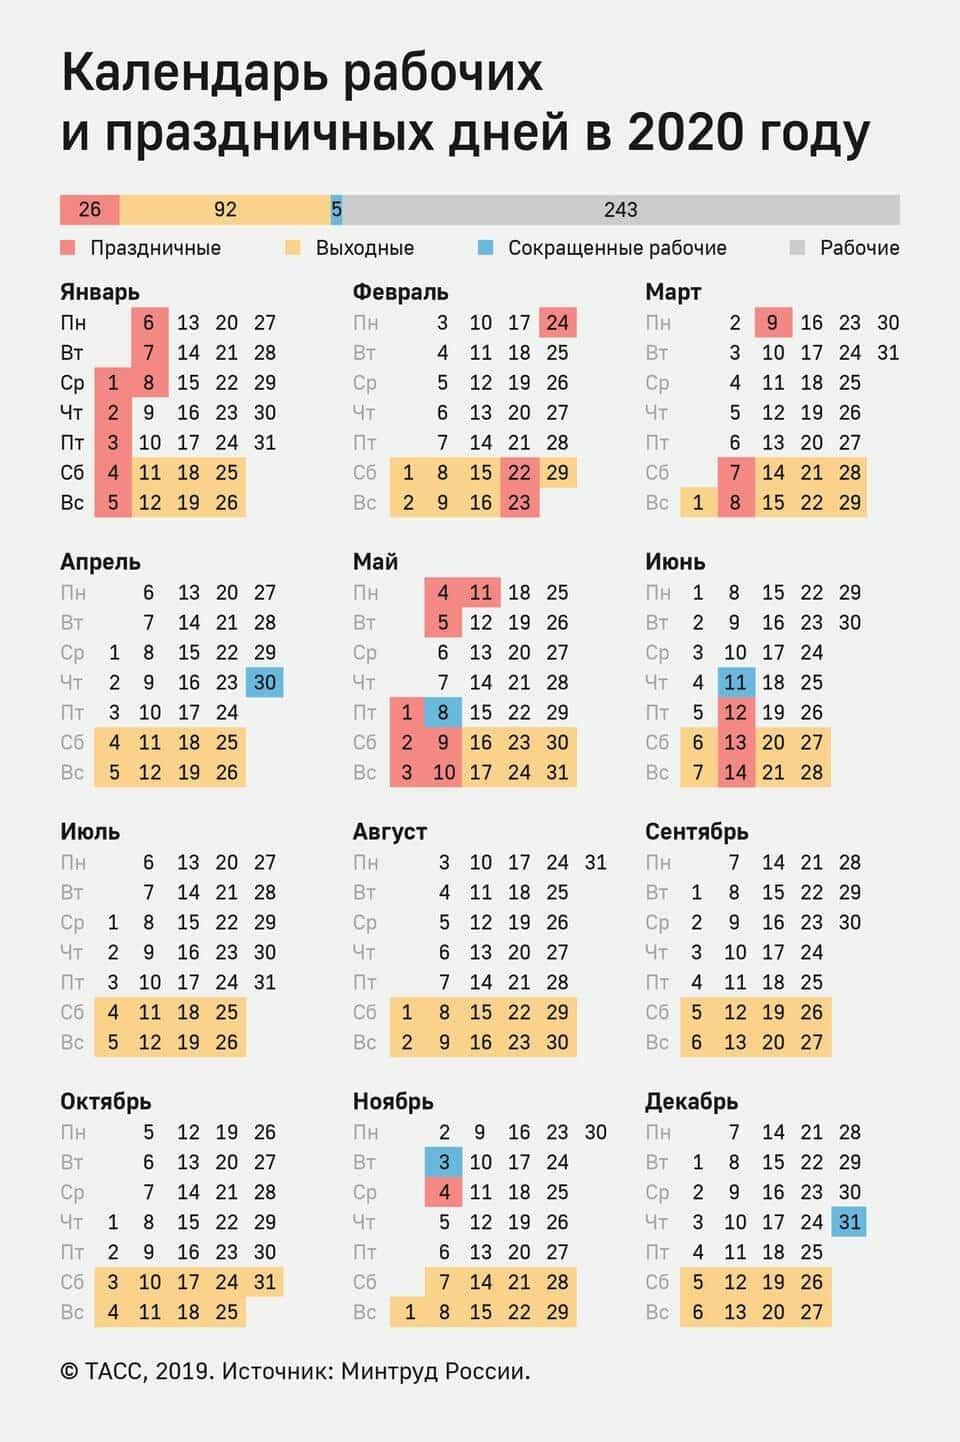 Точные сроки выхода на работу после январских каникул